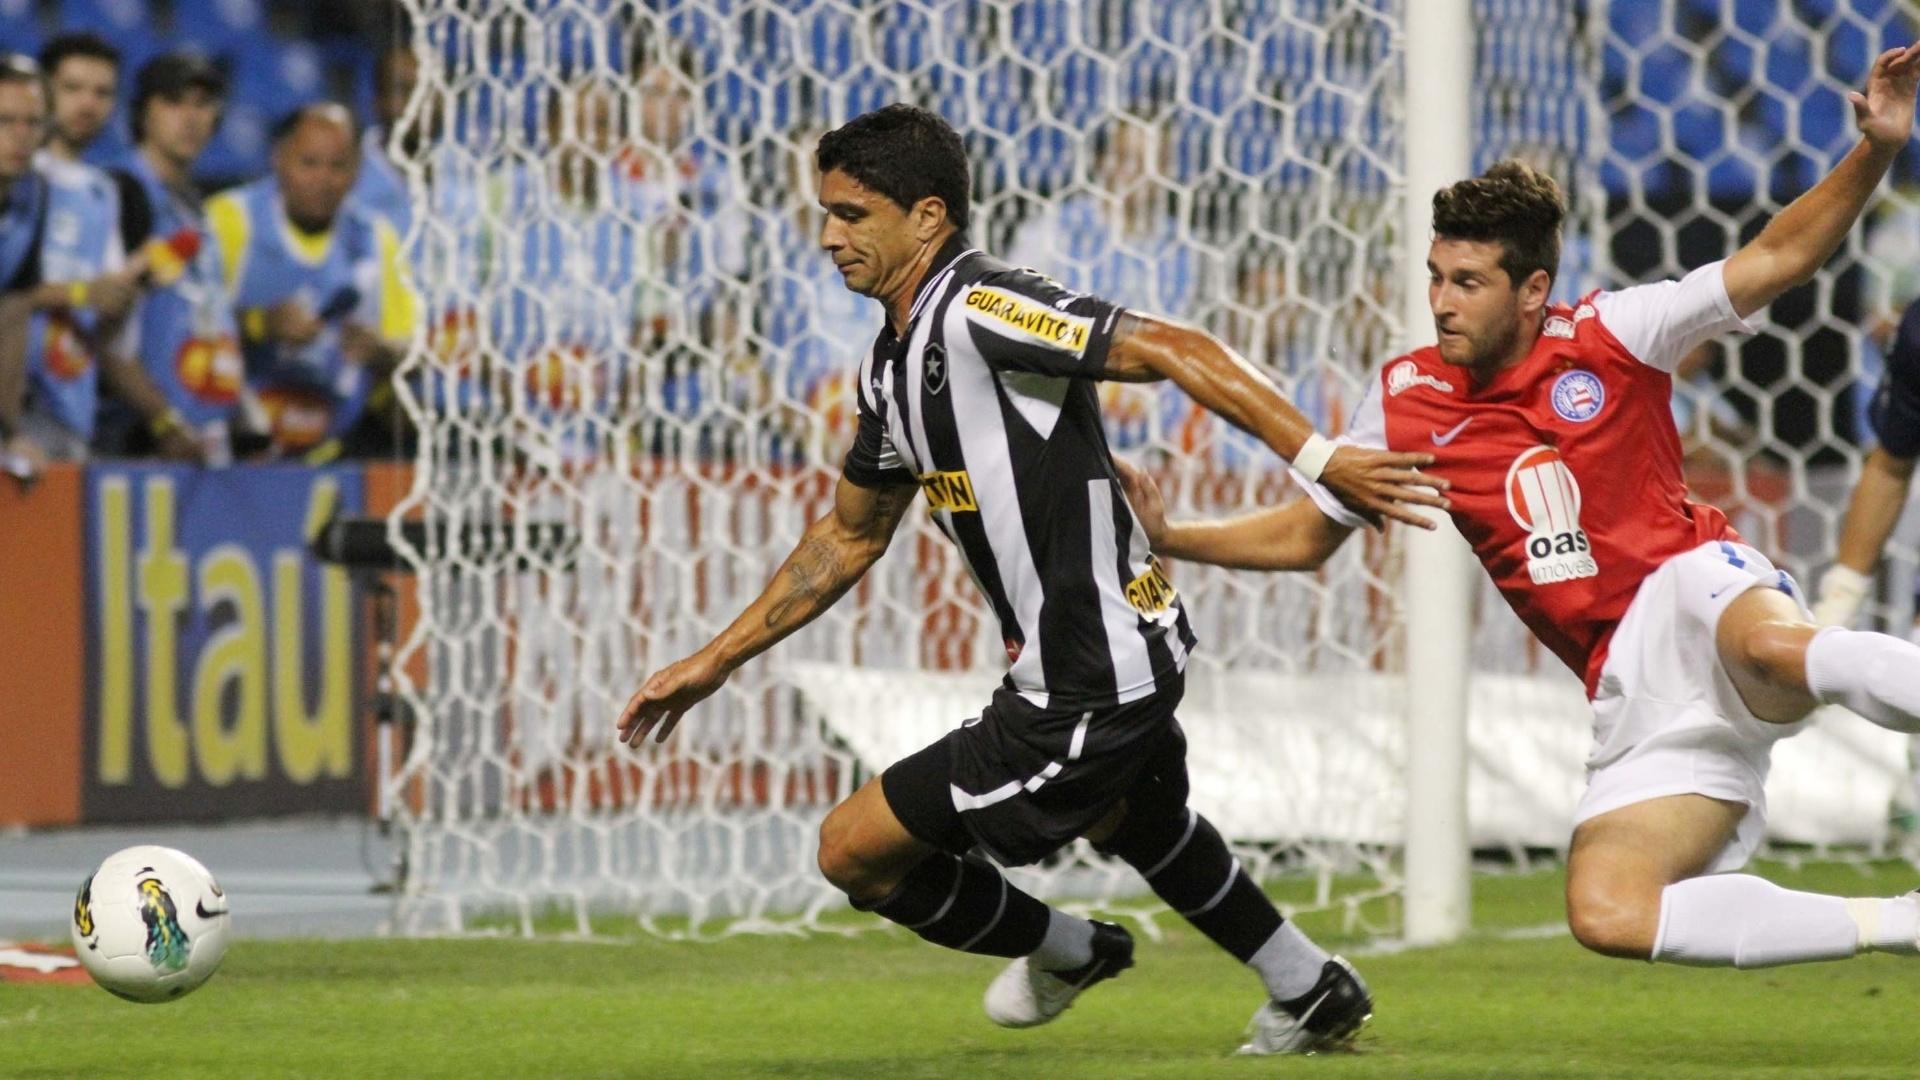 Renato tenta se livrar da marcação de Danny Morais, zagueiro do Bahia